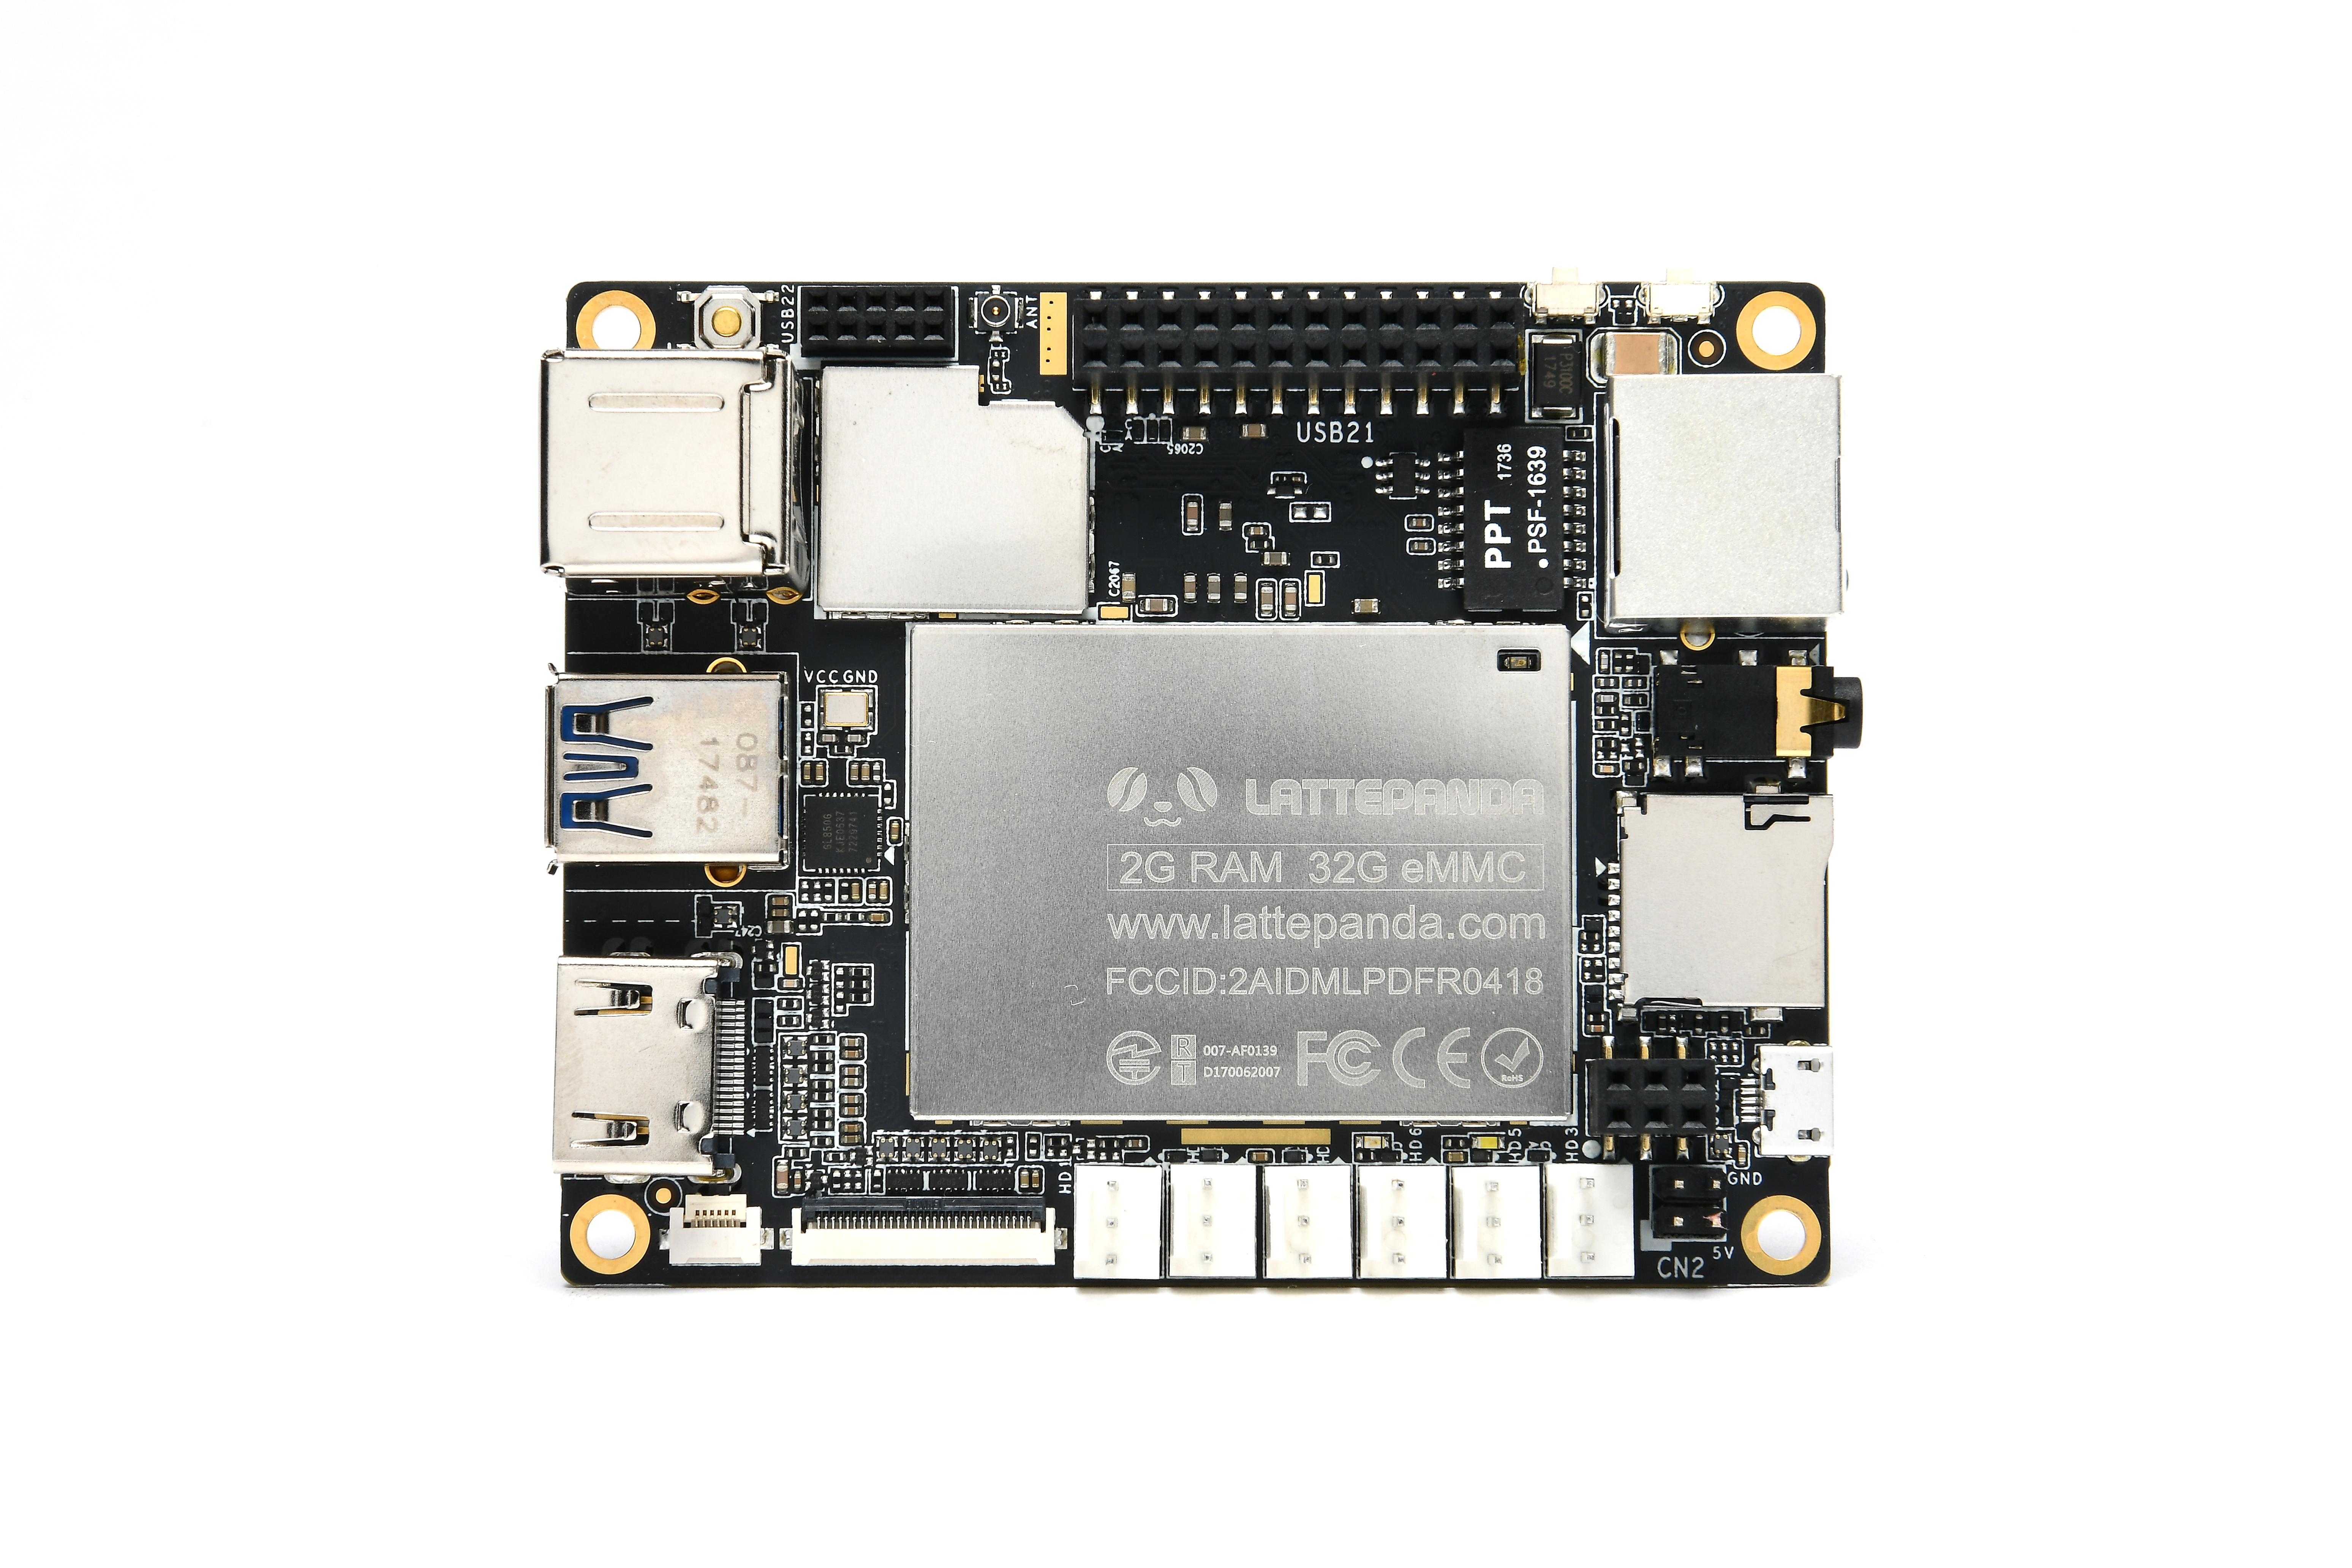 LattePanda Computer 2GB/32GB con licenza